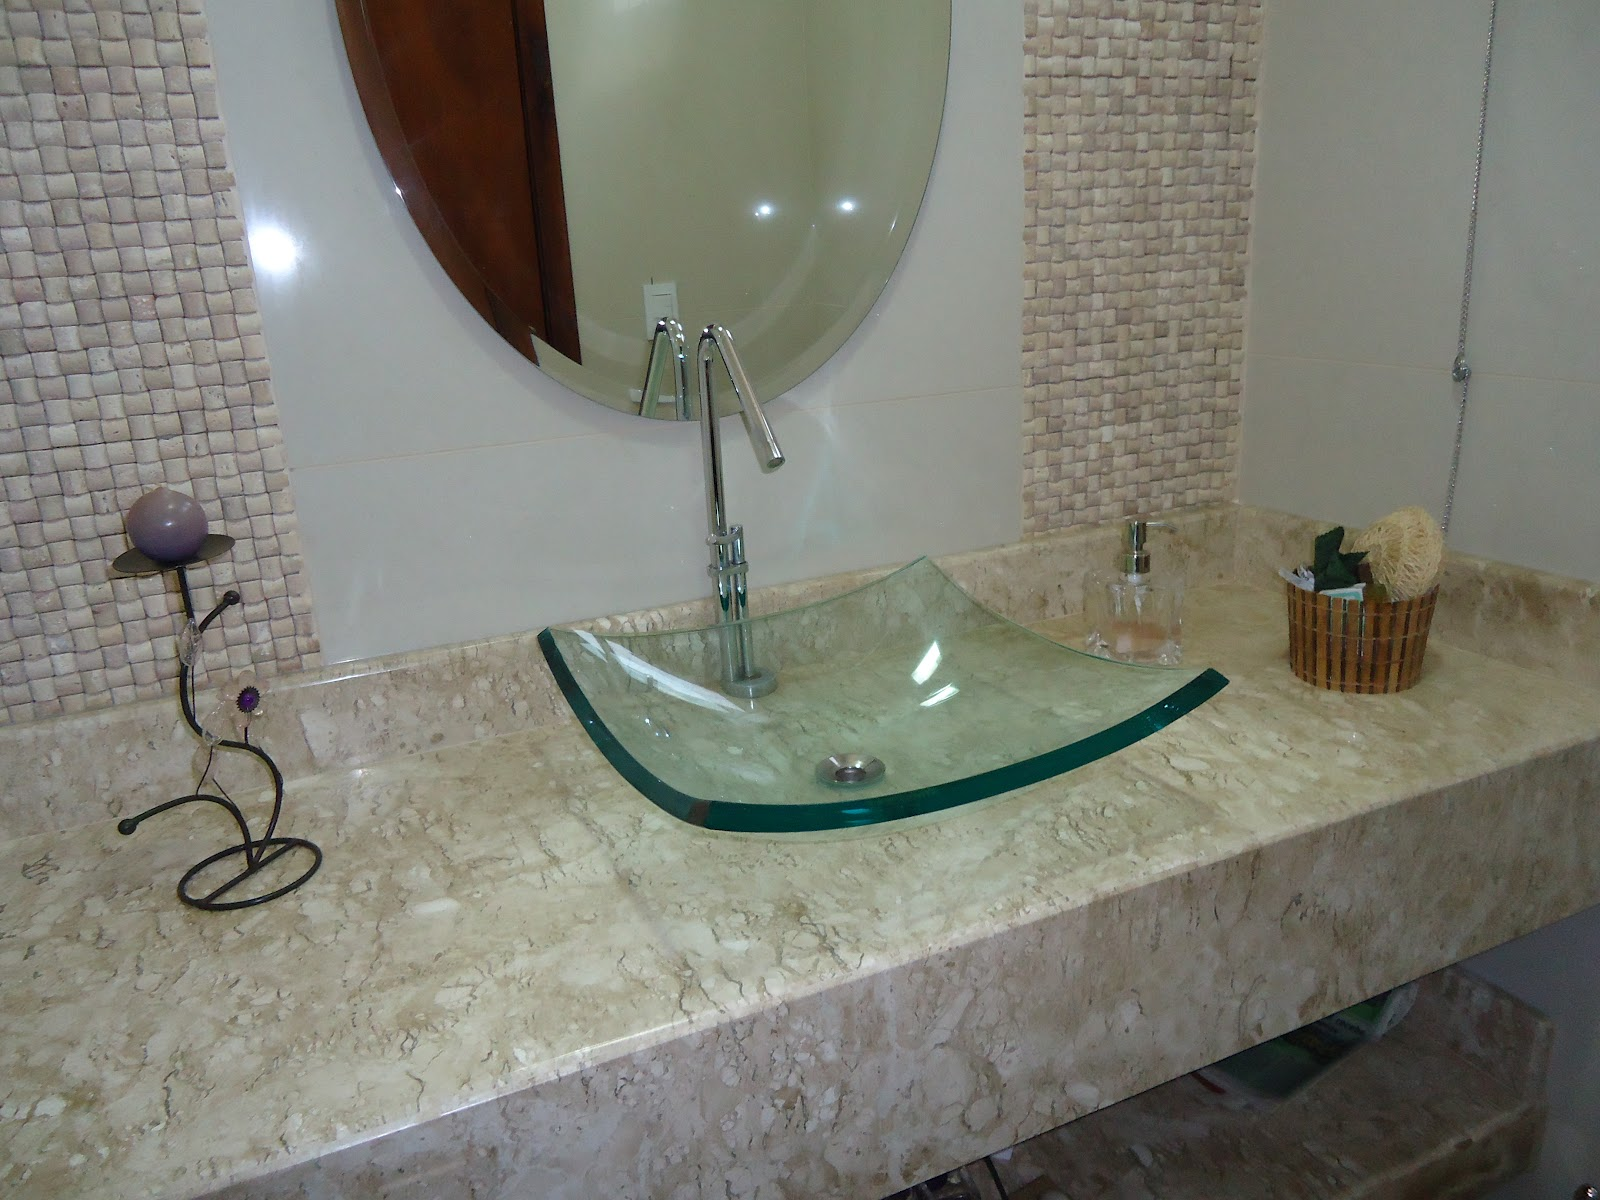 Decorar e Adorar : BANCADAS DE BANHEIRO #5A4E3C 1600x1200 Banheiro Com Pastilhas Marron